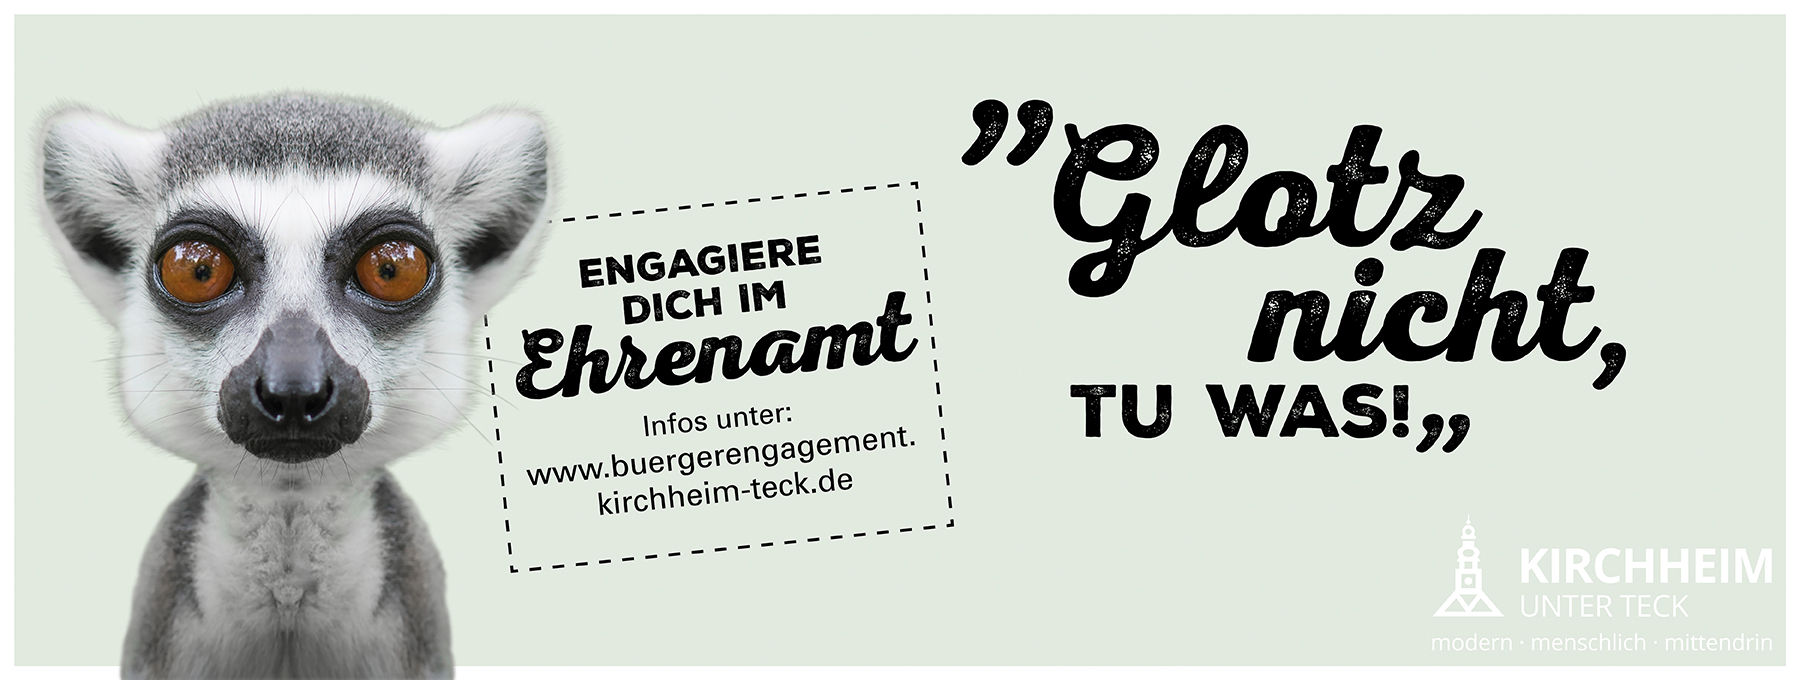 """Lemur mit großen Augen und Text """"Glotz nicht, tu was!"""", Kampagne Engagement im Ehrenamt"""